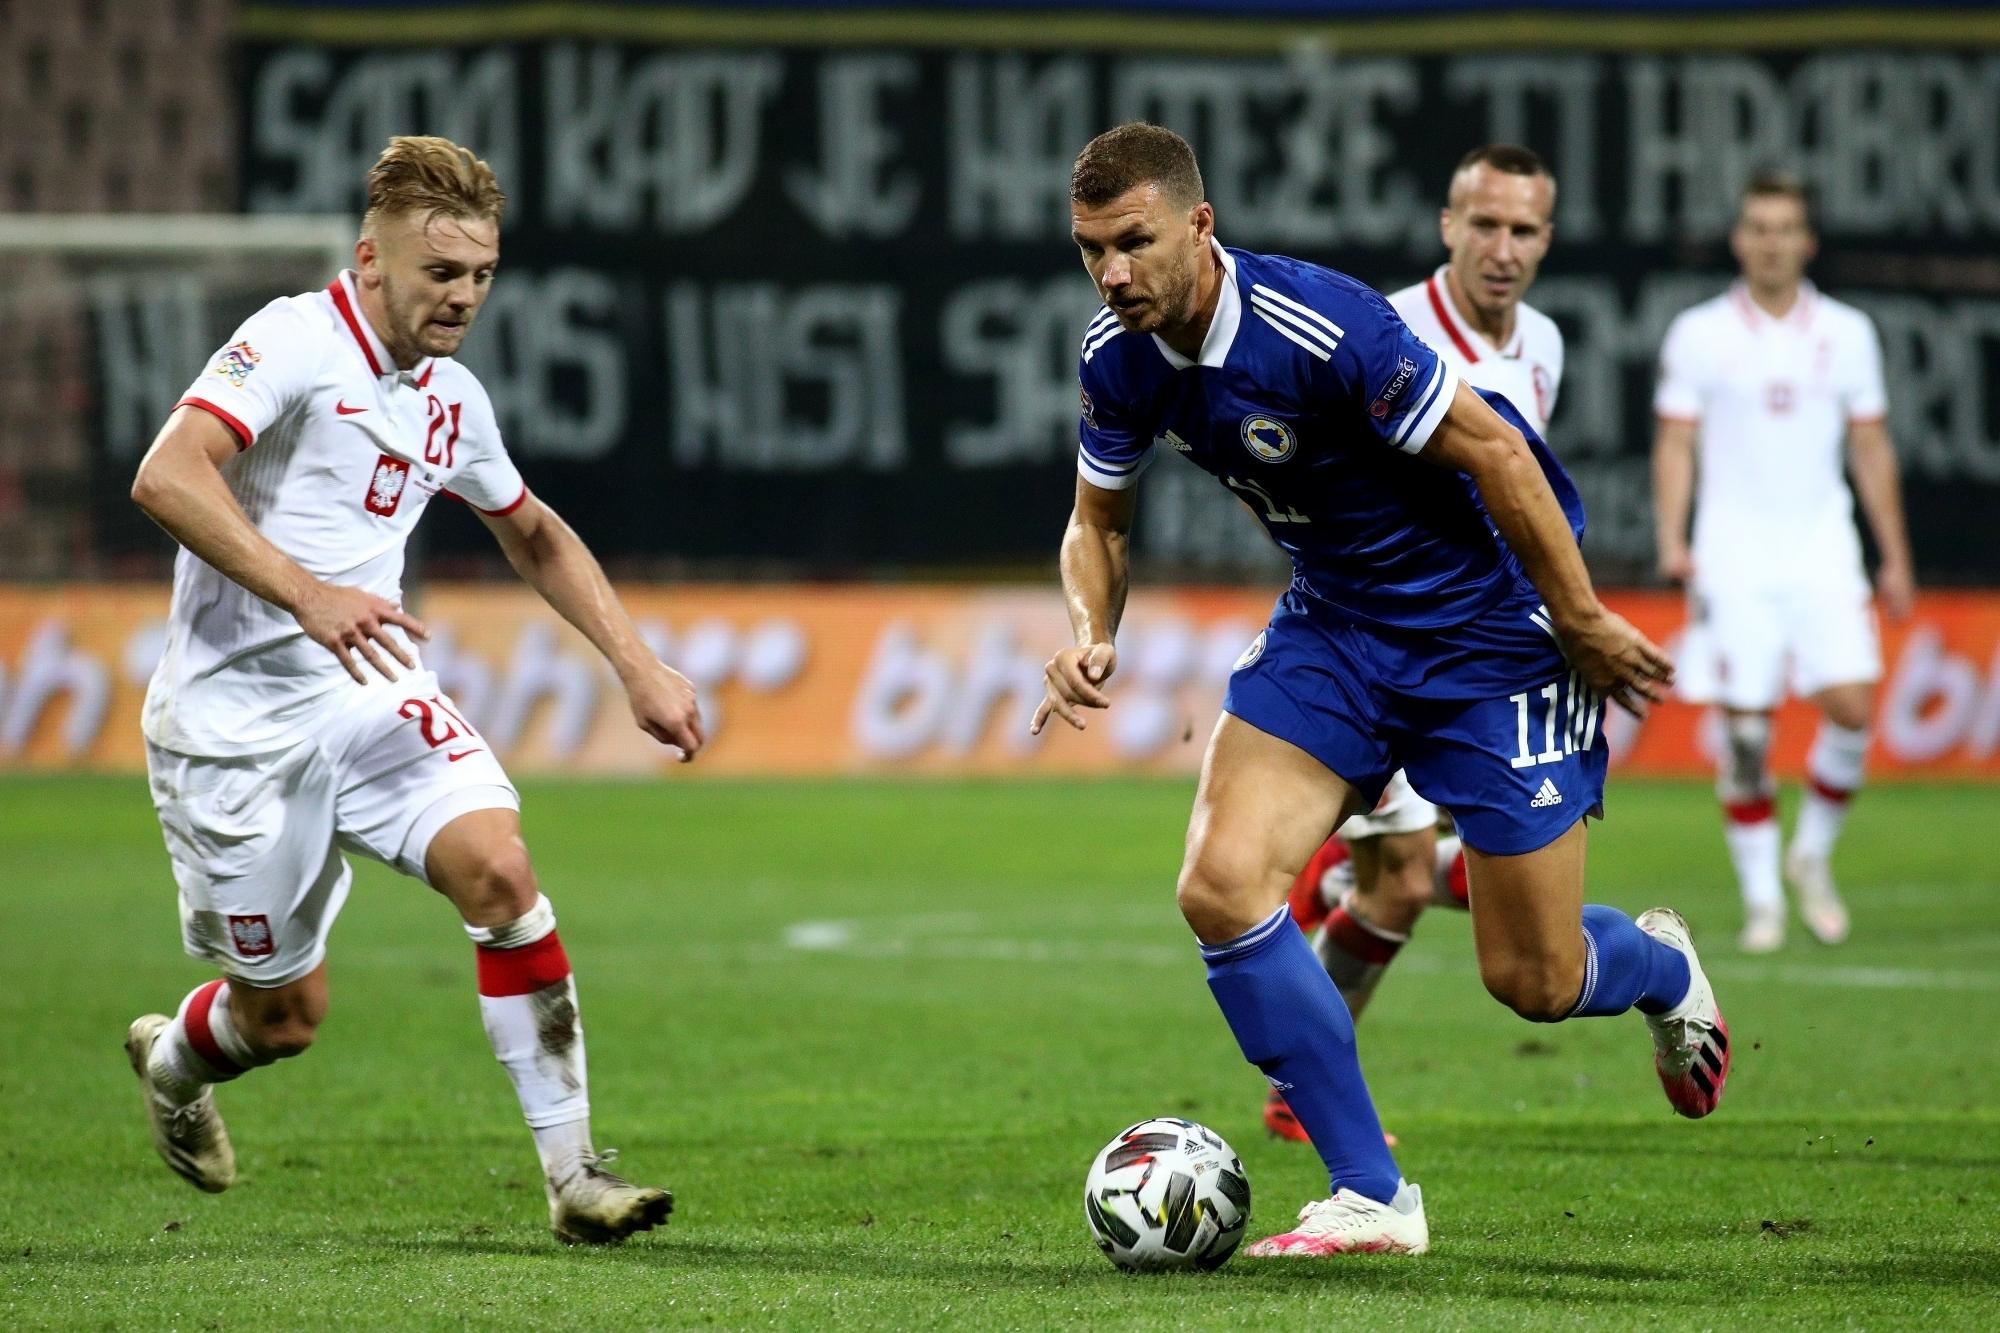 Soi kèo Ba Lan vs Bosnia, 01h45 ngày 15/10, Nations League